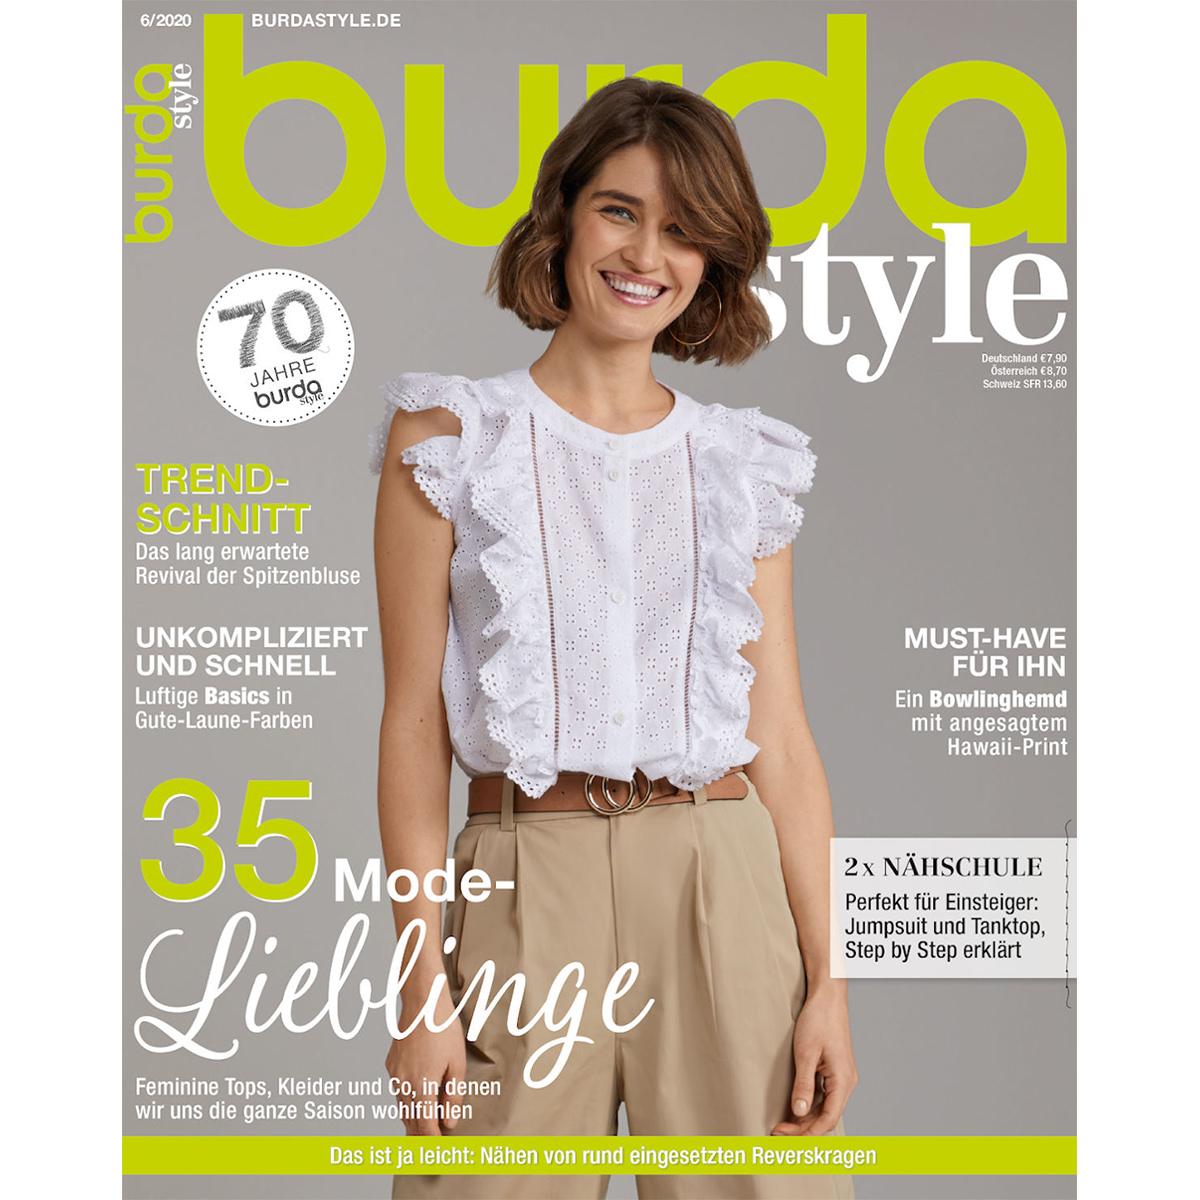 burda style Ausgabe Juni 2020